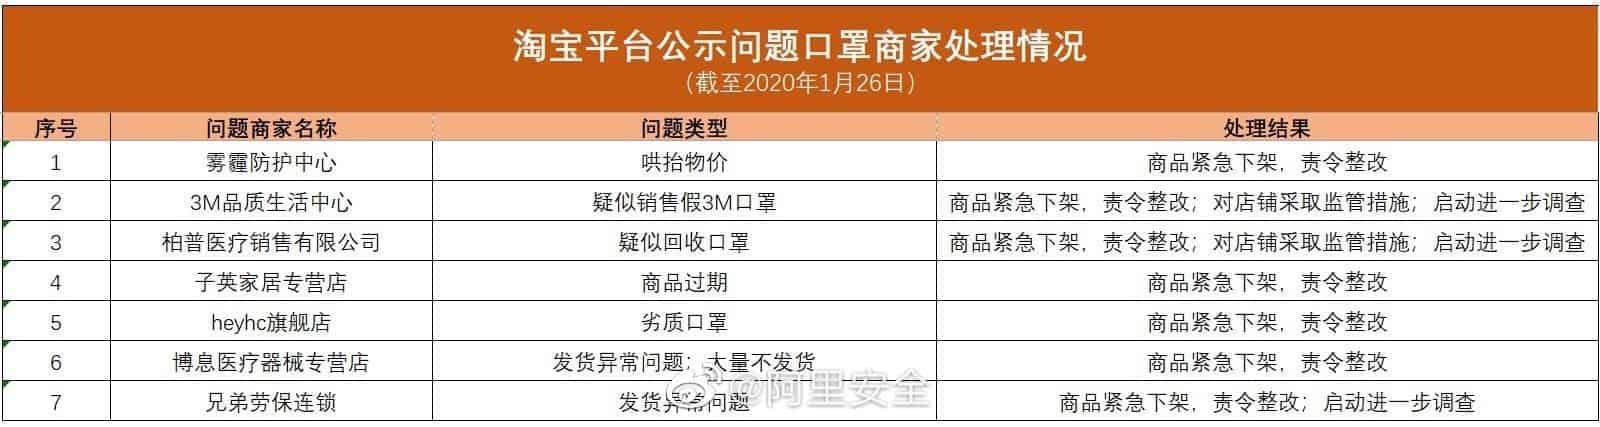 """Chinese merchants selling """"bad"""" anti-coronavirus mask"""